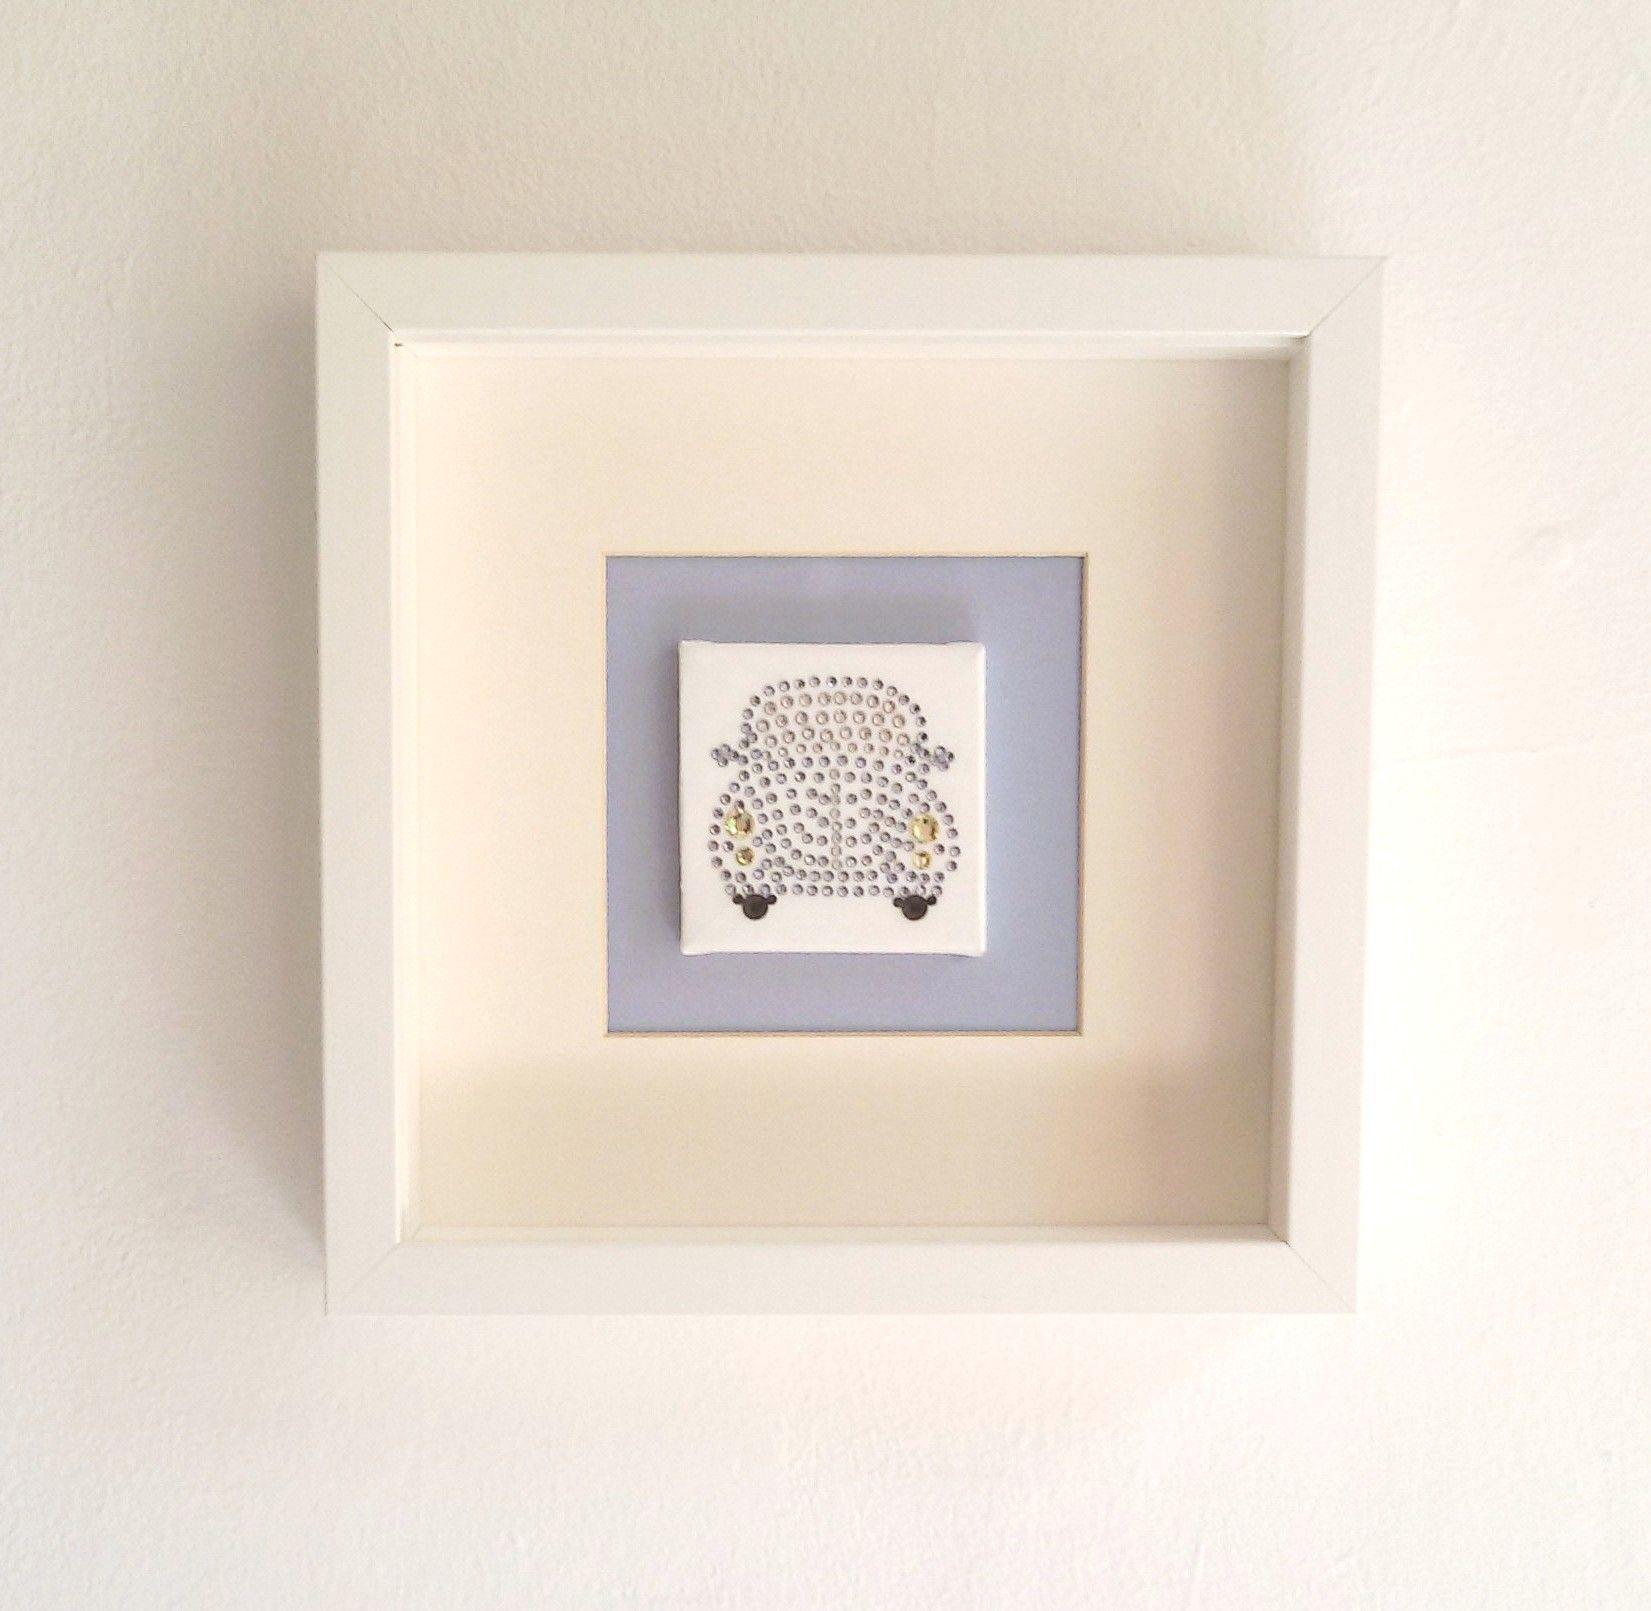 Kleine handgefertigte Dekoelemente für das Babyzimmer mit Swarovski Elements verziert Viele verschiedene Motive Als